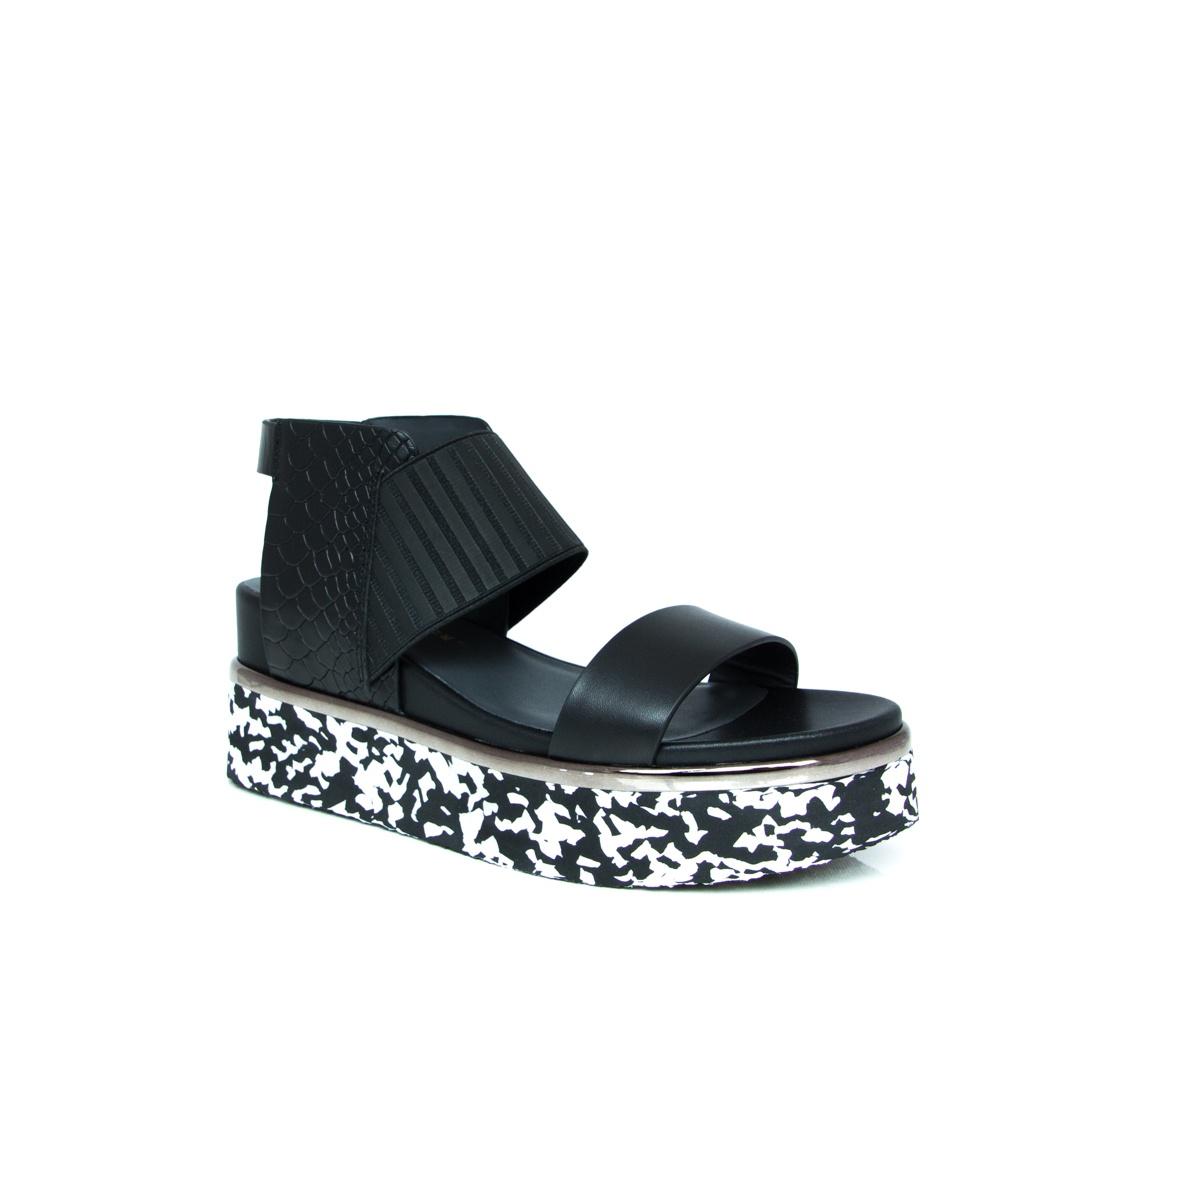 Sandale UNITED NUDE - Rico Sandal 103040114905 Black - S